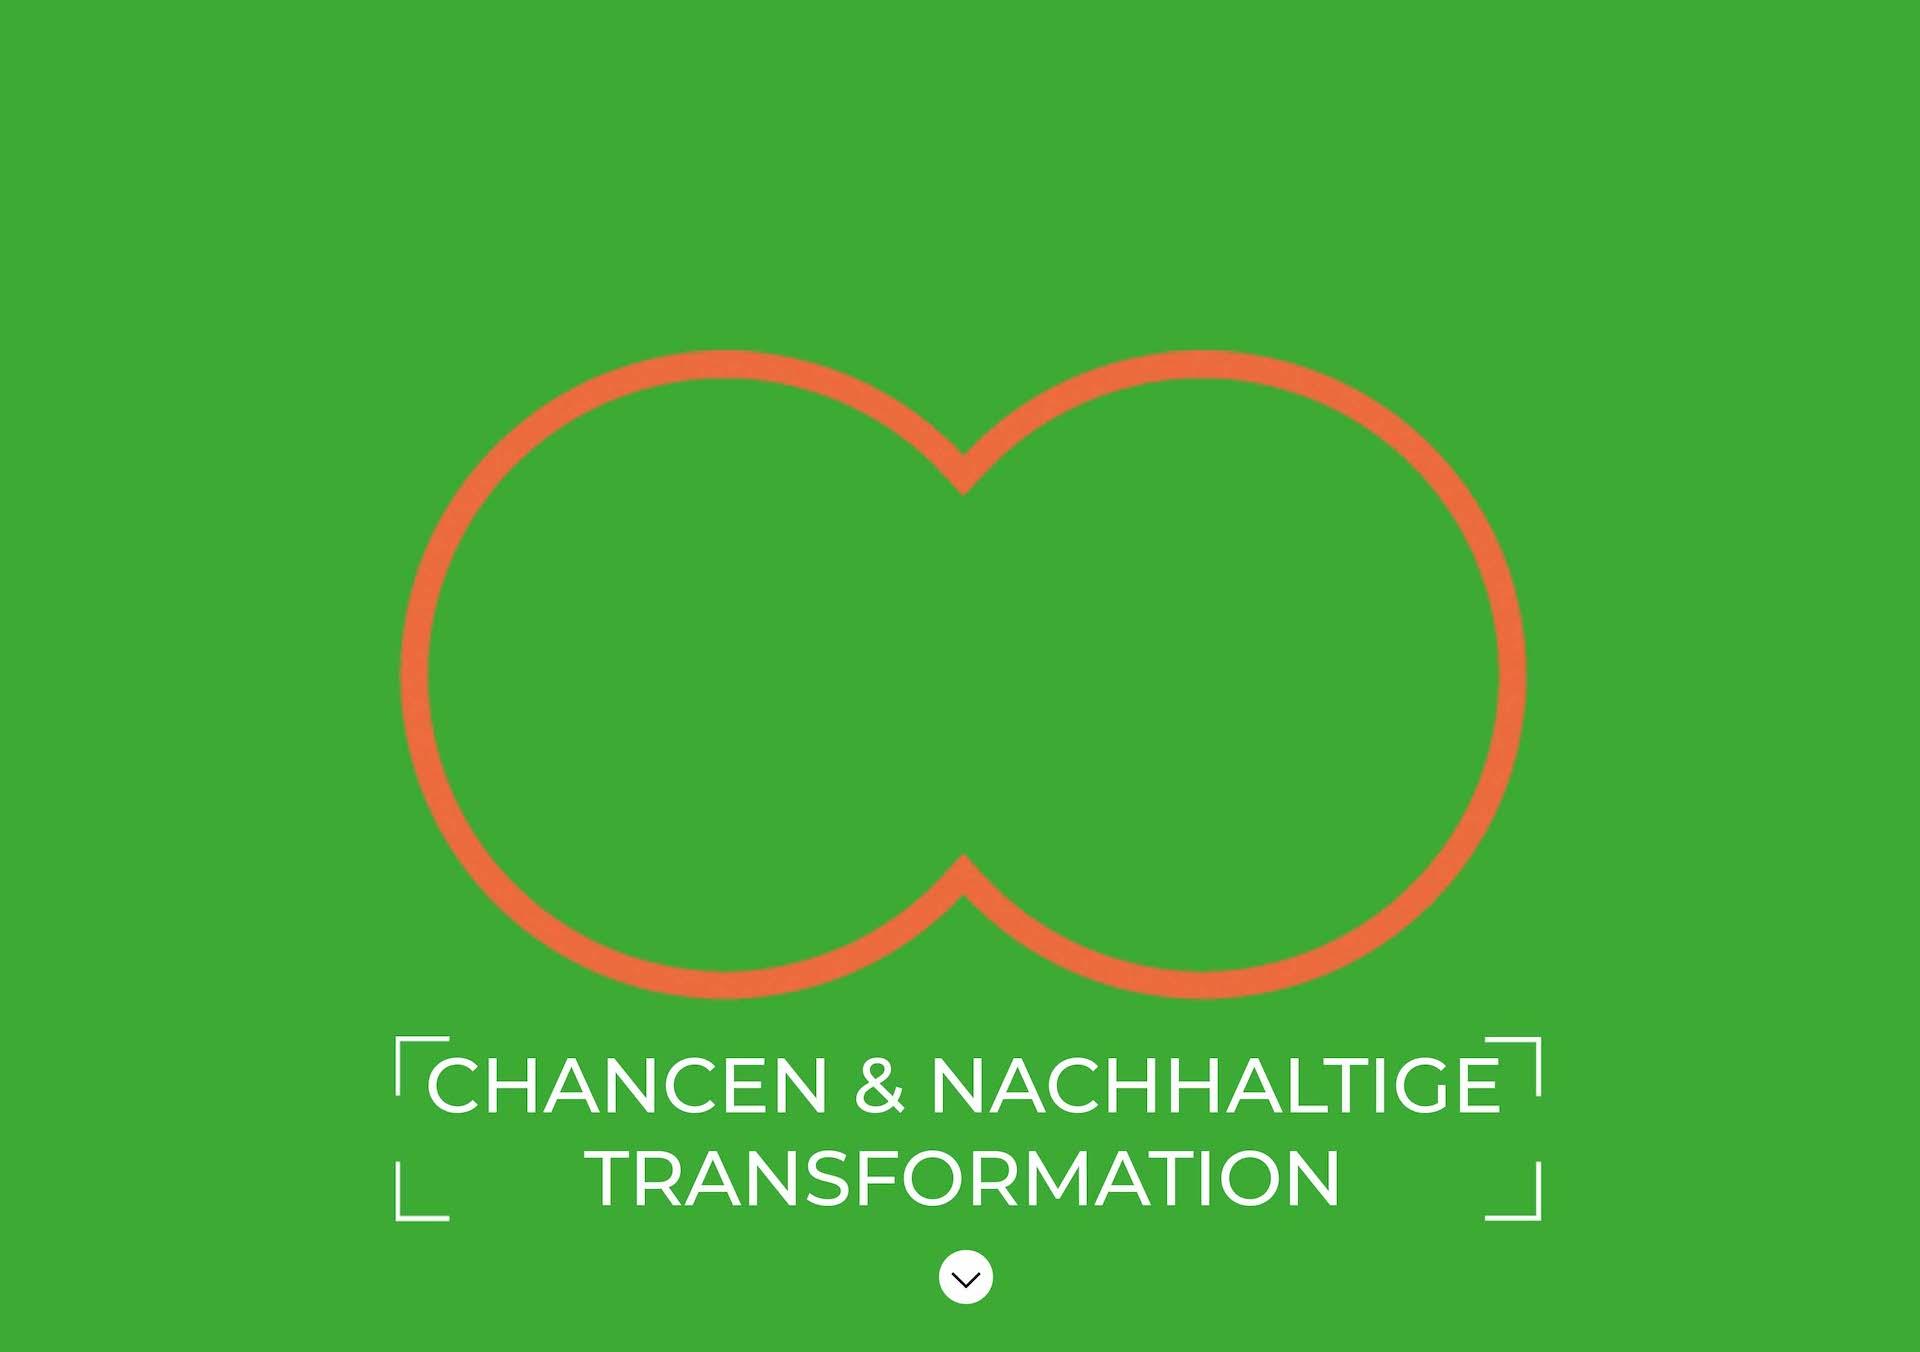 greenmoon-chancen-und-nachhaltige-transformation